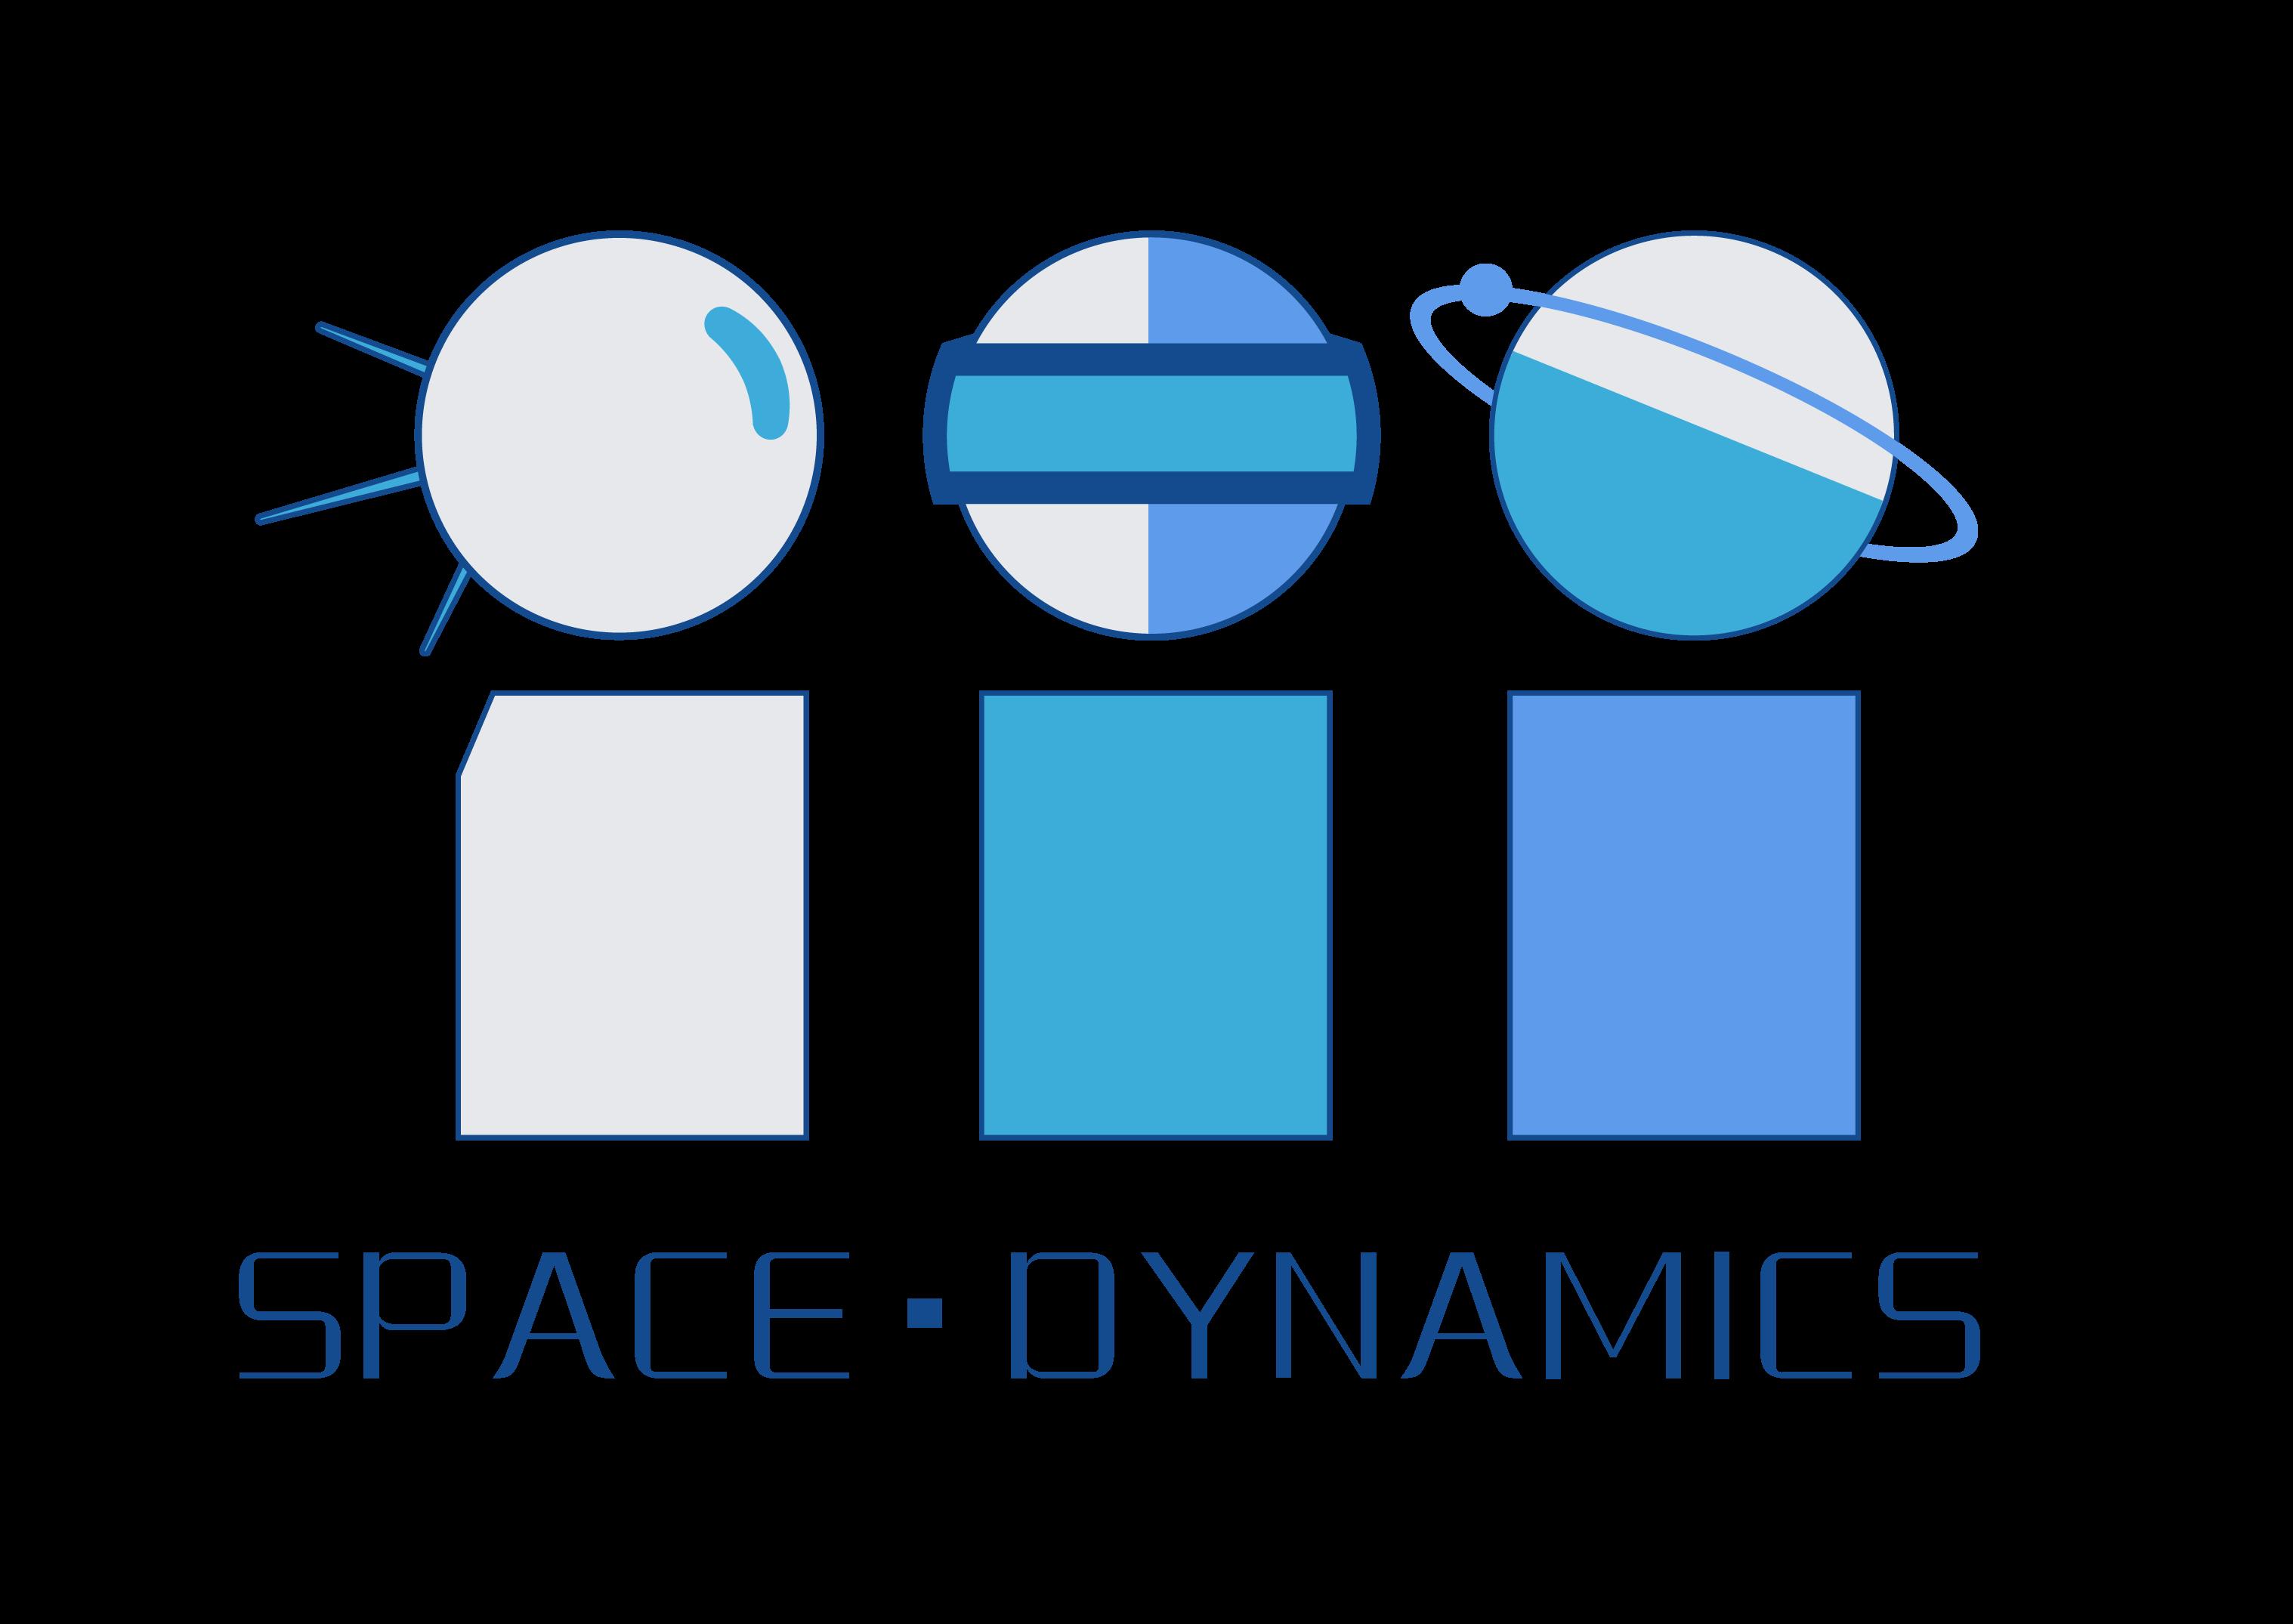 space-dynamics-logo